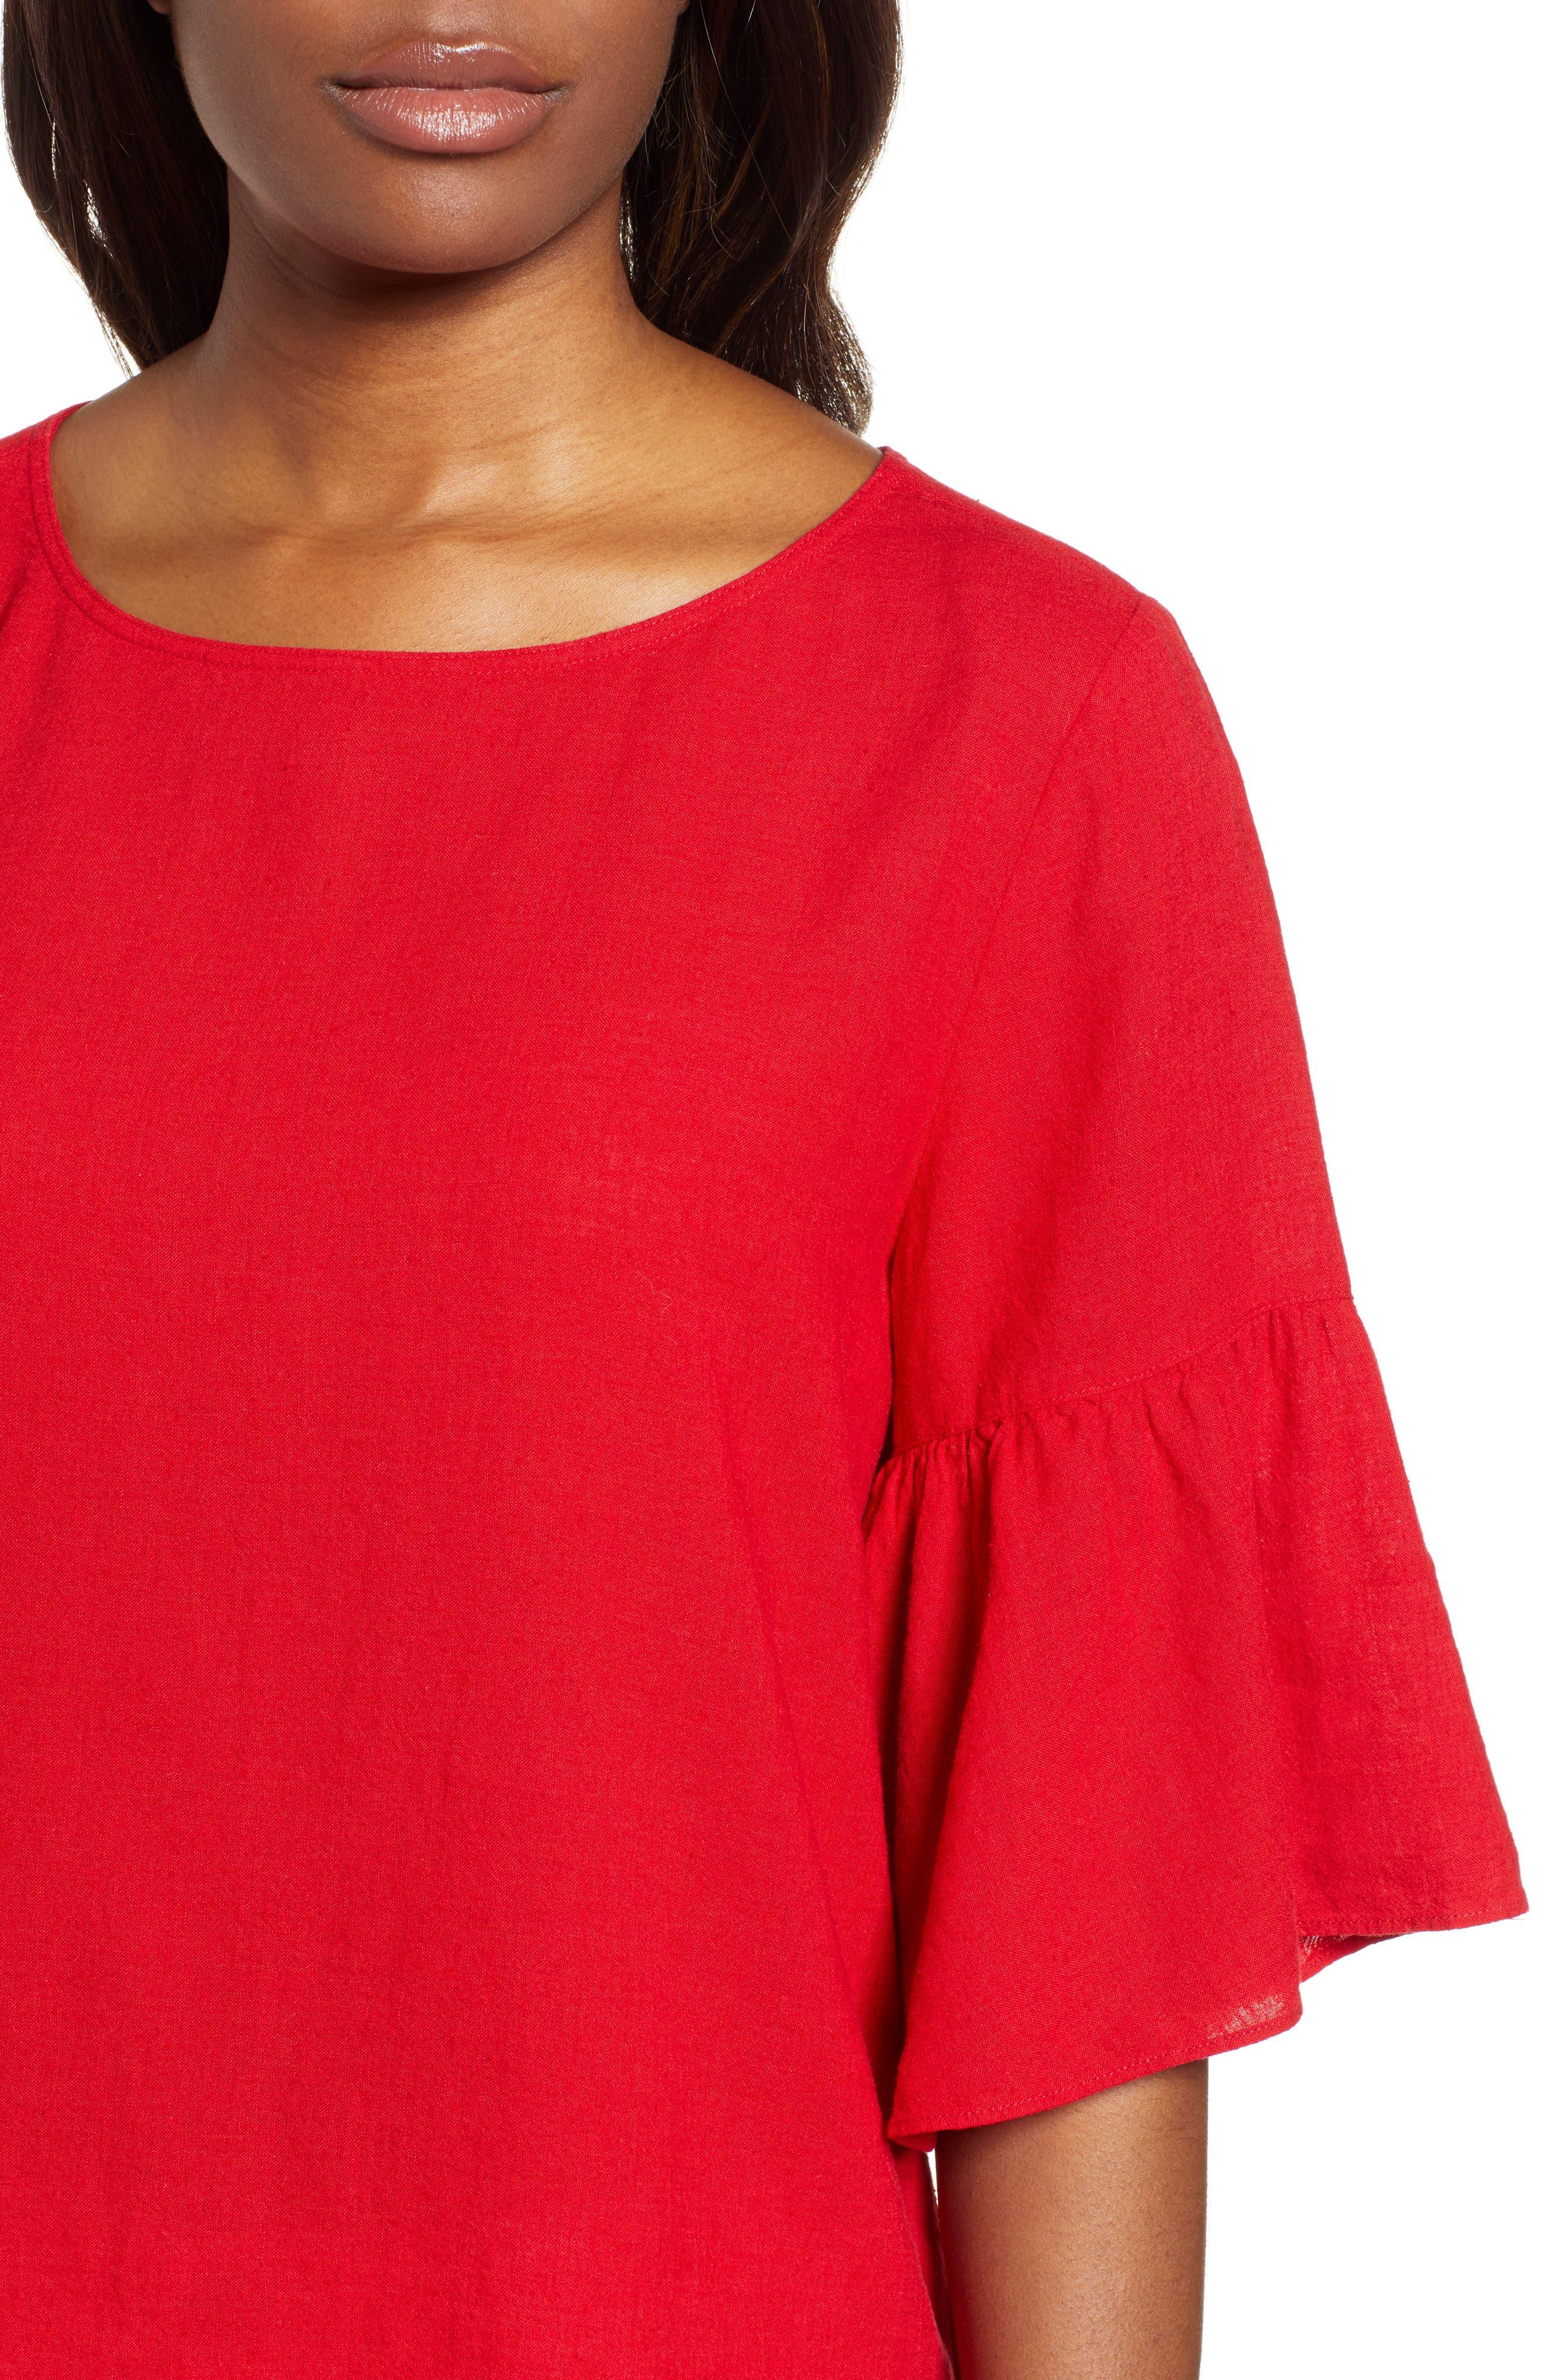 Rumba Top,                             Alternate thumbnail 4, color,                             Red Sangria